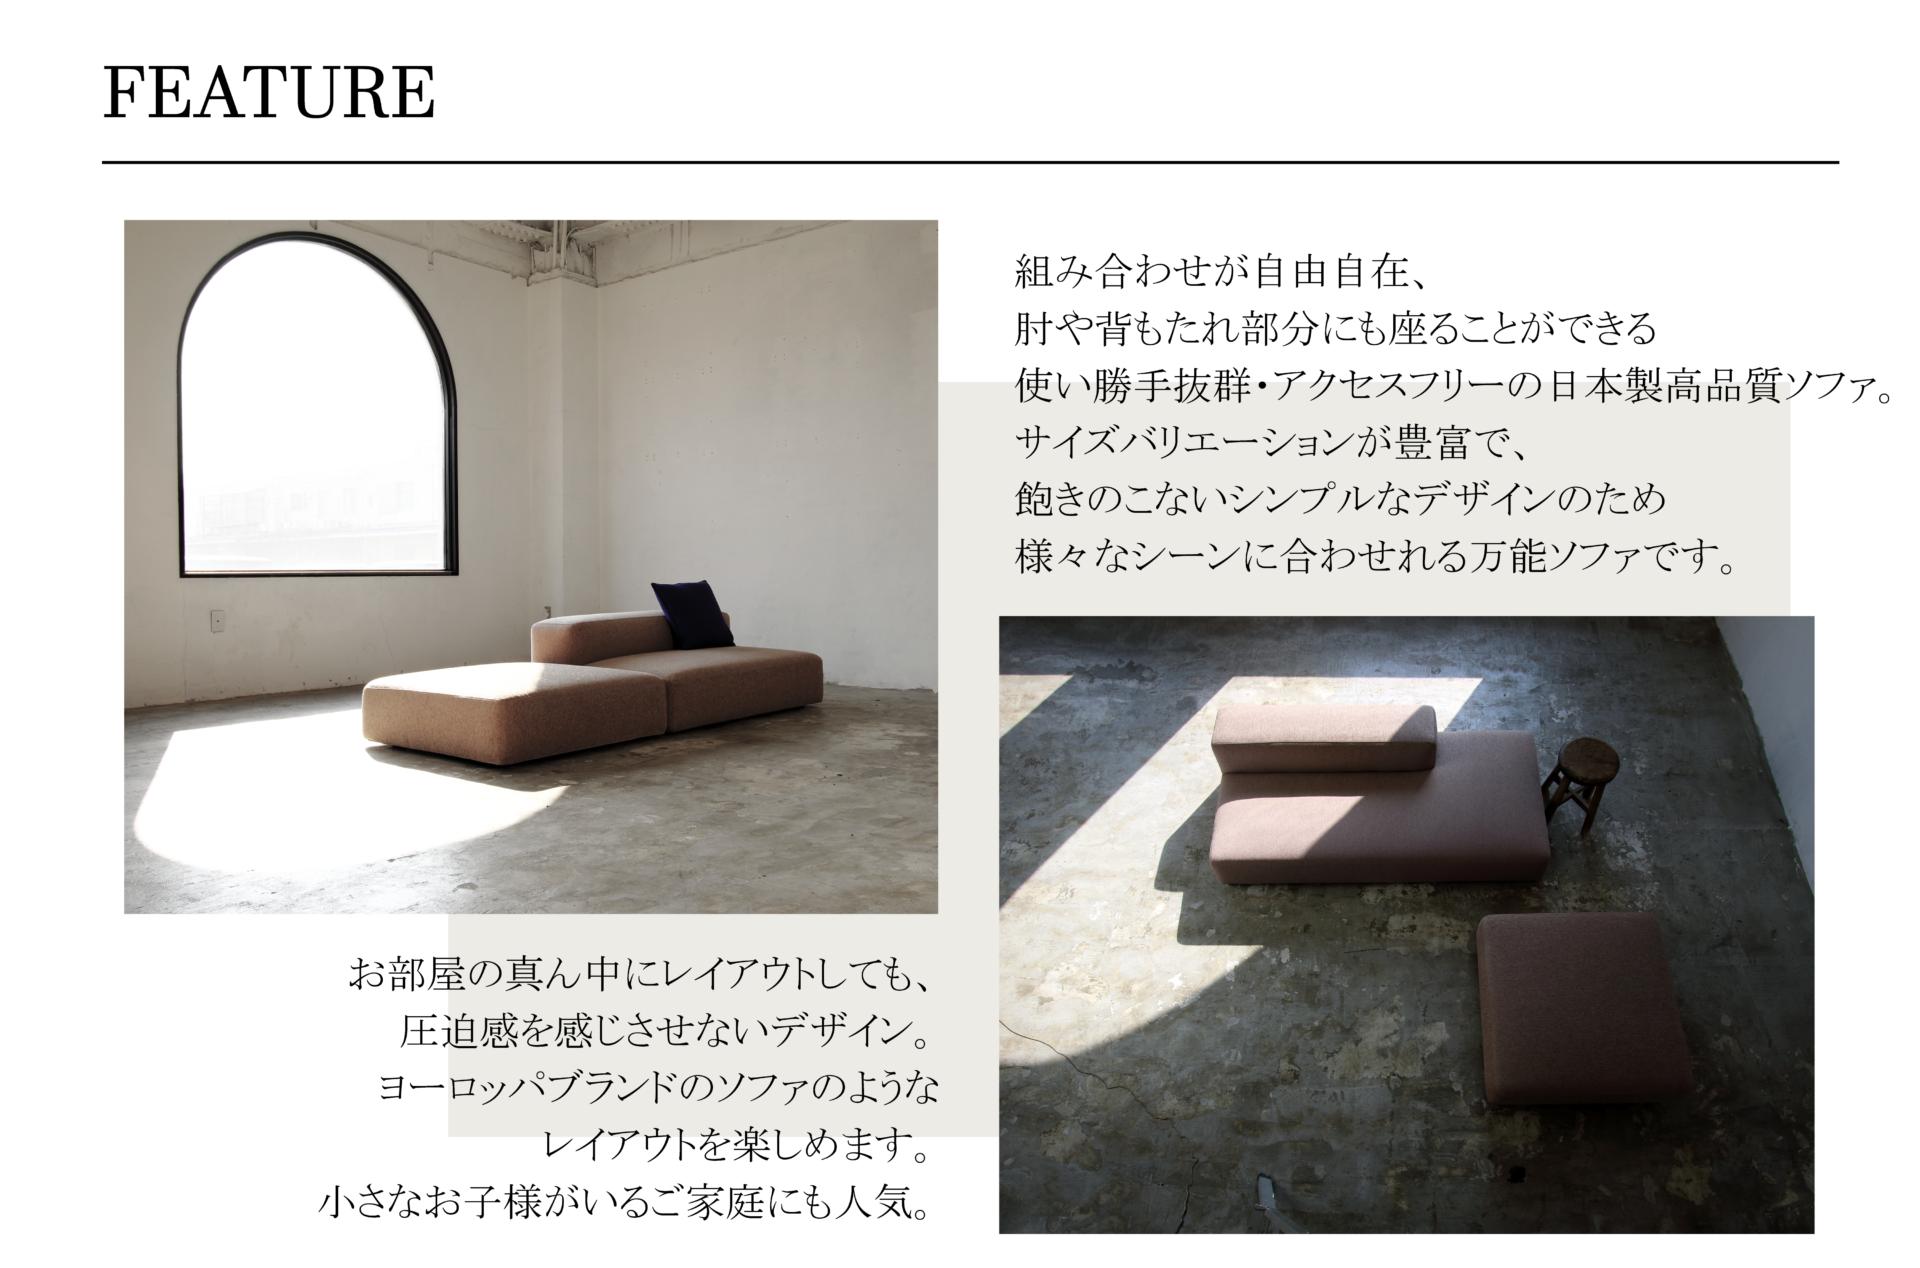 AMANDA SOFAアマンダソファFEATURE組み合わせが自由自在、肘や背もたれ部分にも座ることができる使い勝手抜群・アクセスフリーの日本製高品質ソファ。サイズバリエーションが豊富で、飽きのこないシンプルなデザインのため様々なシーンに合わせれる万能ソファです。お部屋の真ん中にレイアウトしても、圧迫感を感じさせないデザイン。ヨーロッパブランドのソファのようなレイアウトを楽しめます。小さなお子様がいるご家庭にも人気。